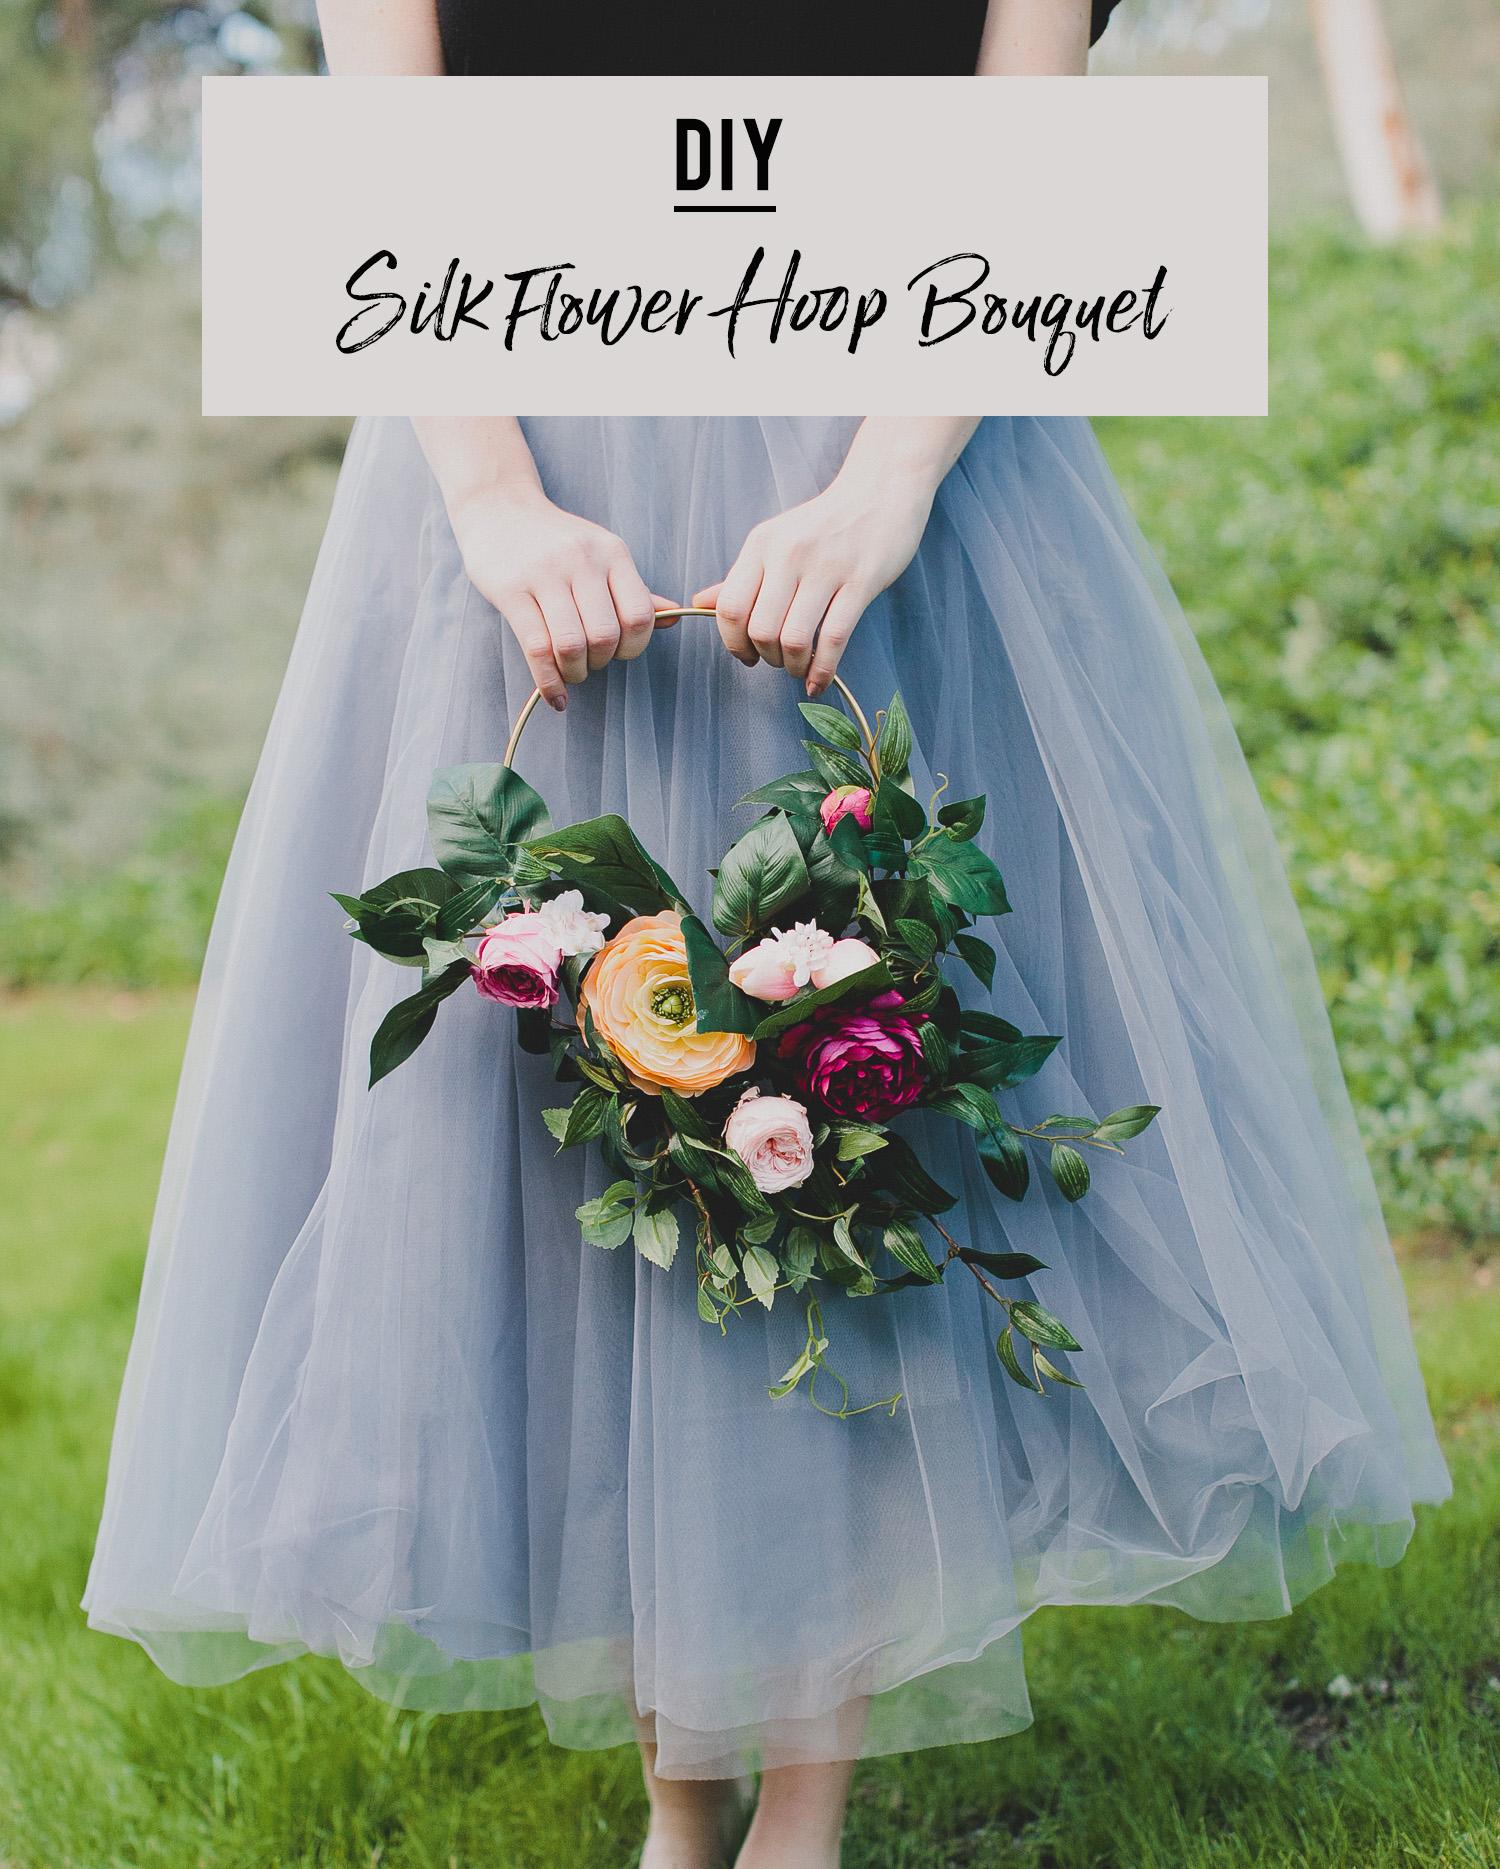 Silk Flower Hoop Bouquet DIY